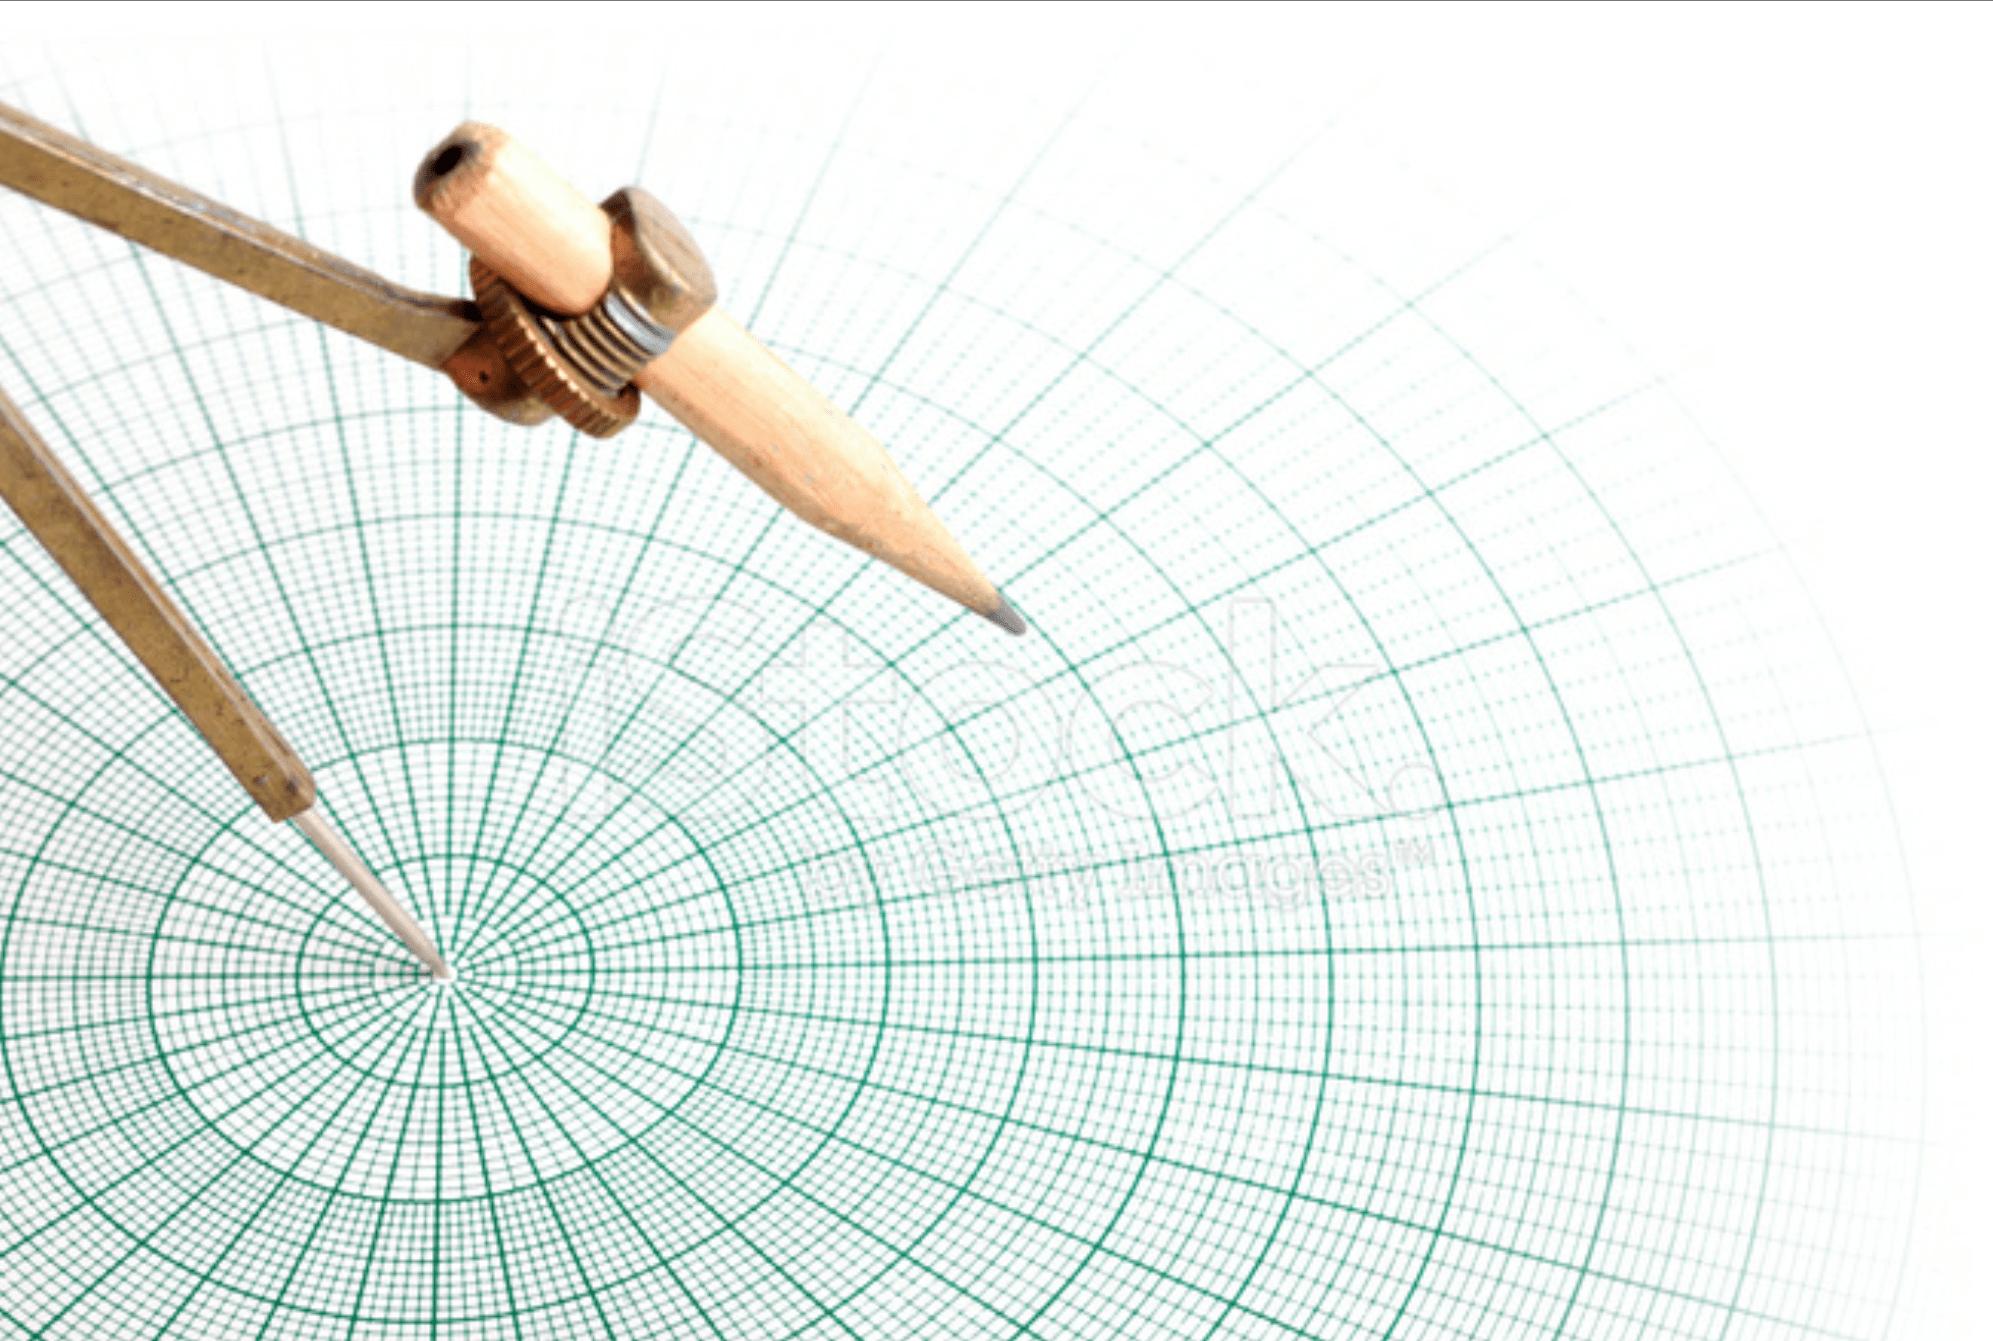 صور زخرفة هندسية , اجمل الزخارف الهندسيه الرائعه